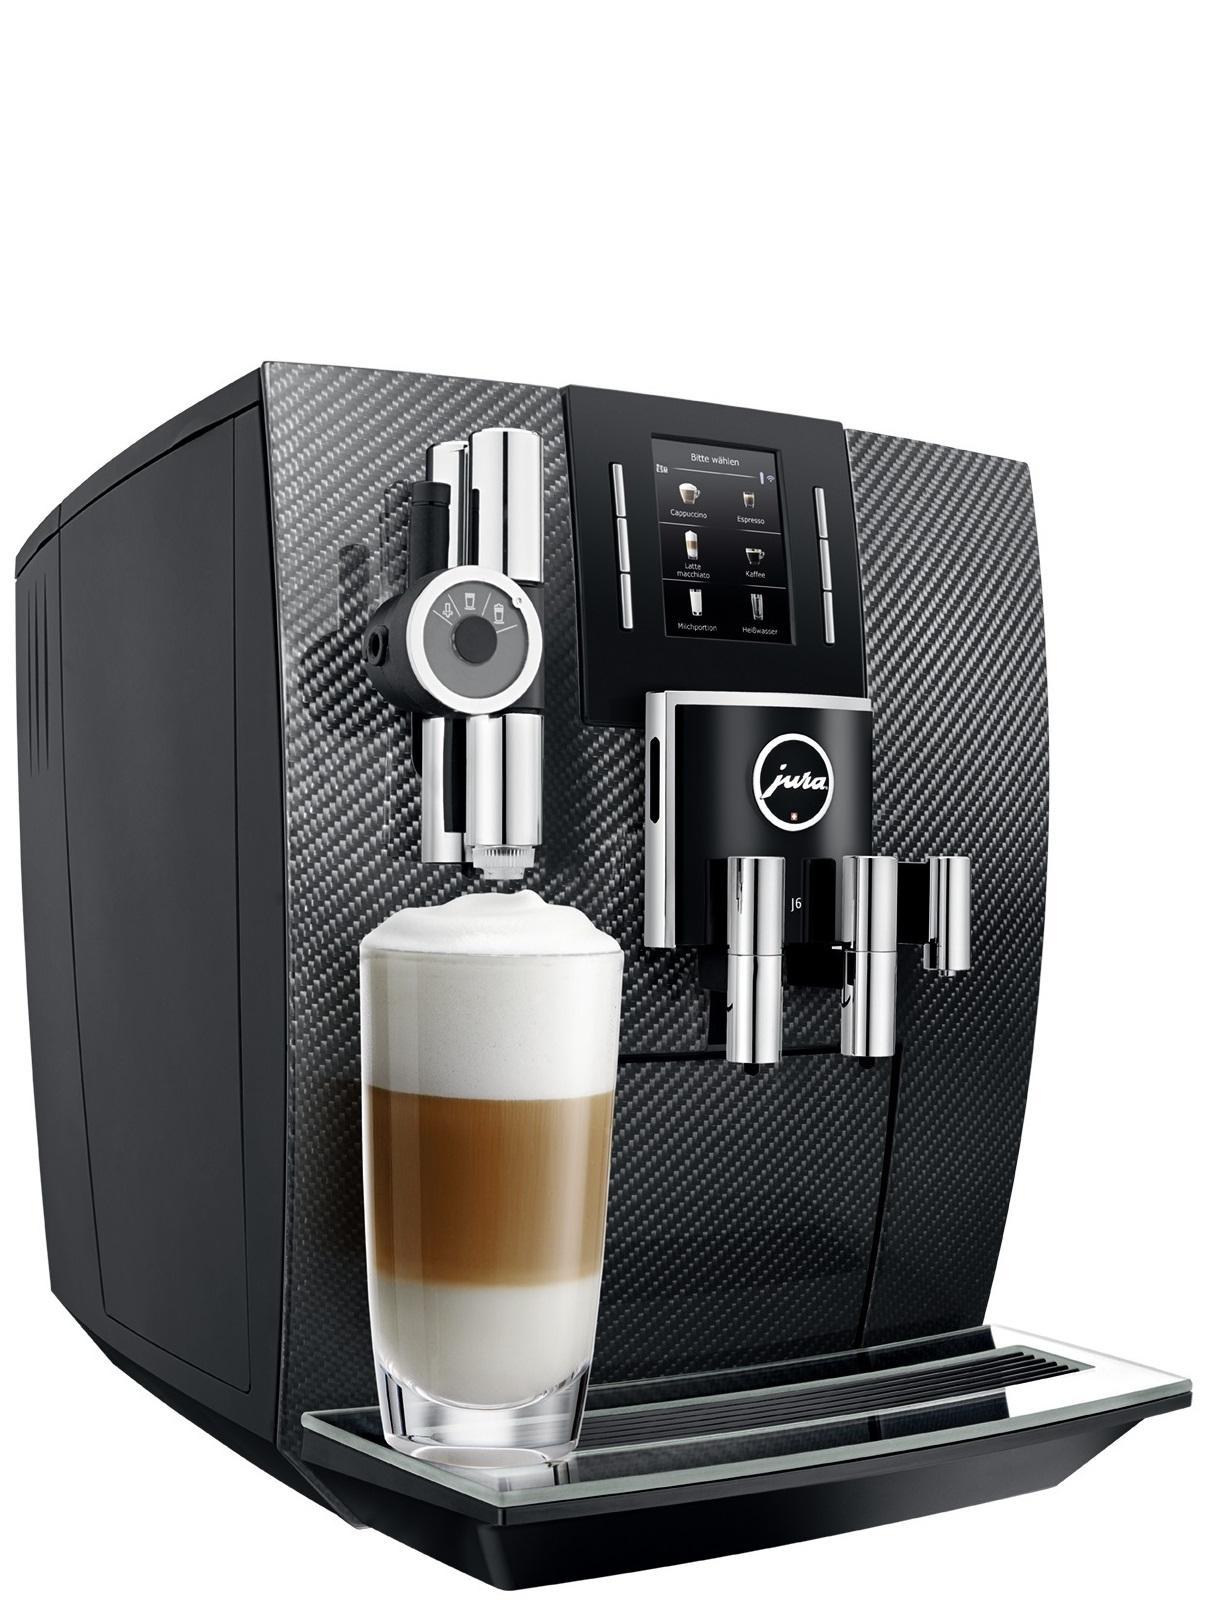 Cardinahl caffe superiore